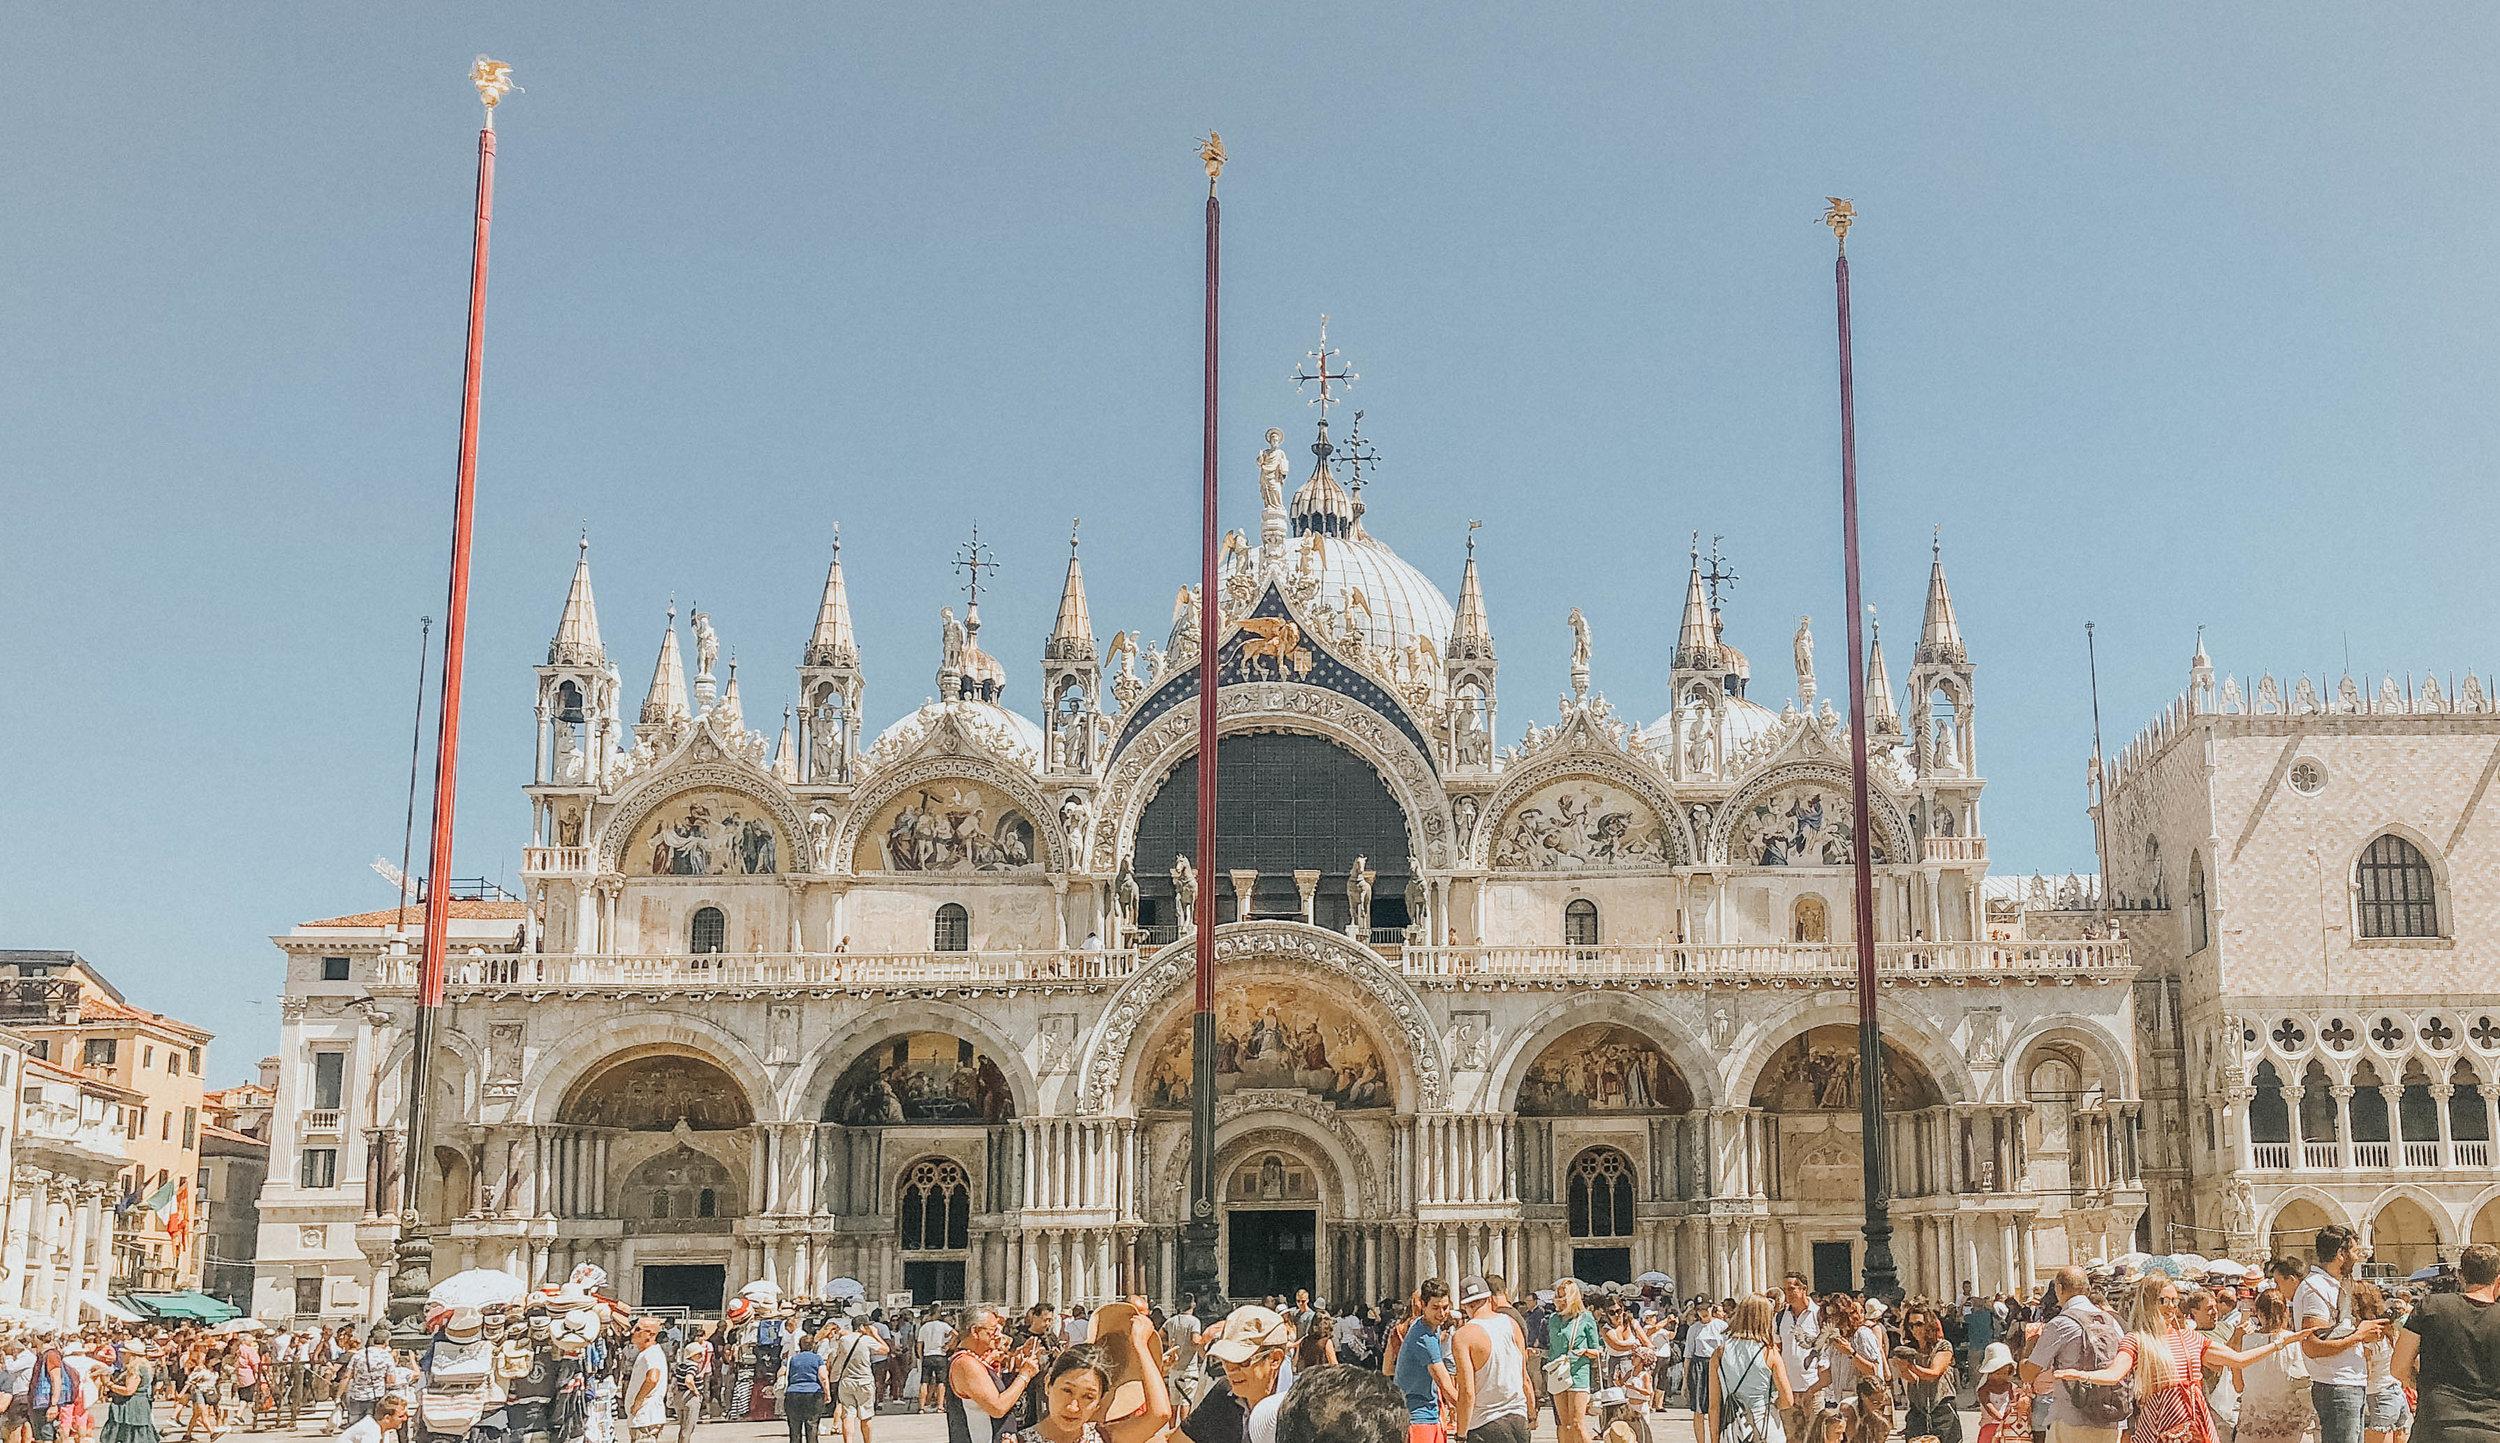 Saint Mark's Basilica | Venice, Italy